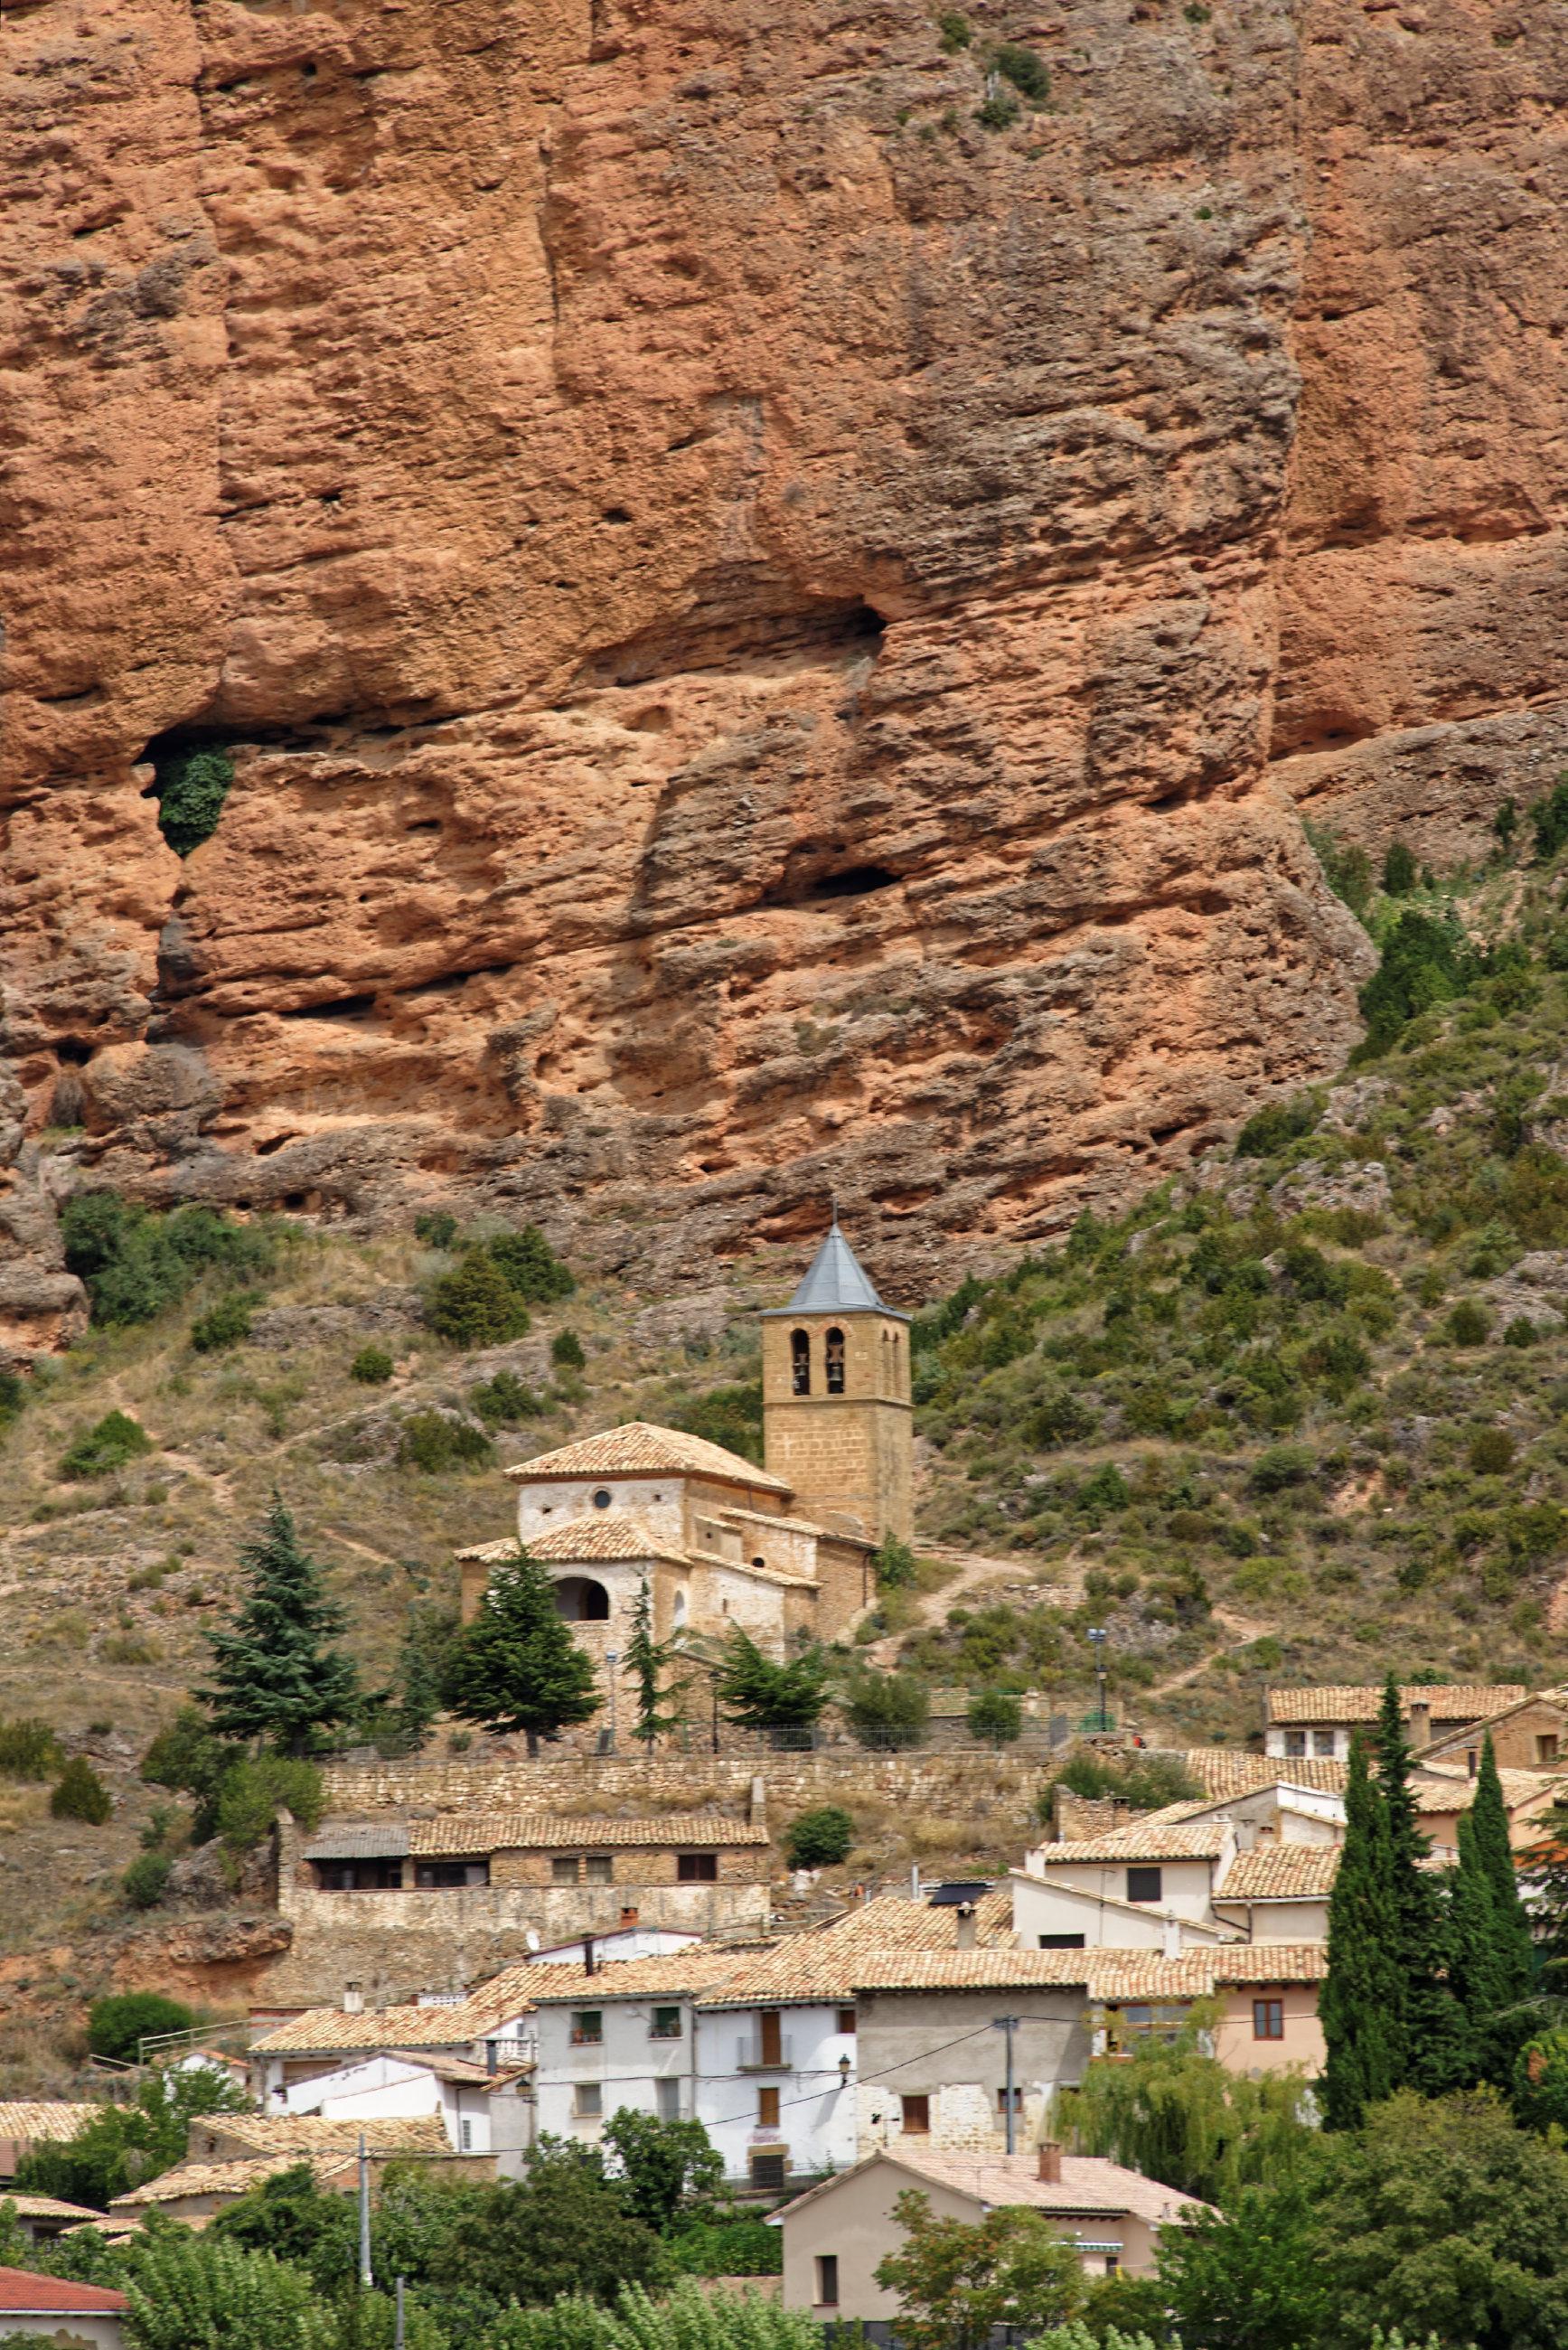 (7235) Mallos de Riglos (Aragon)